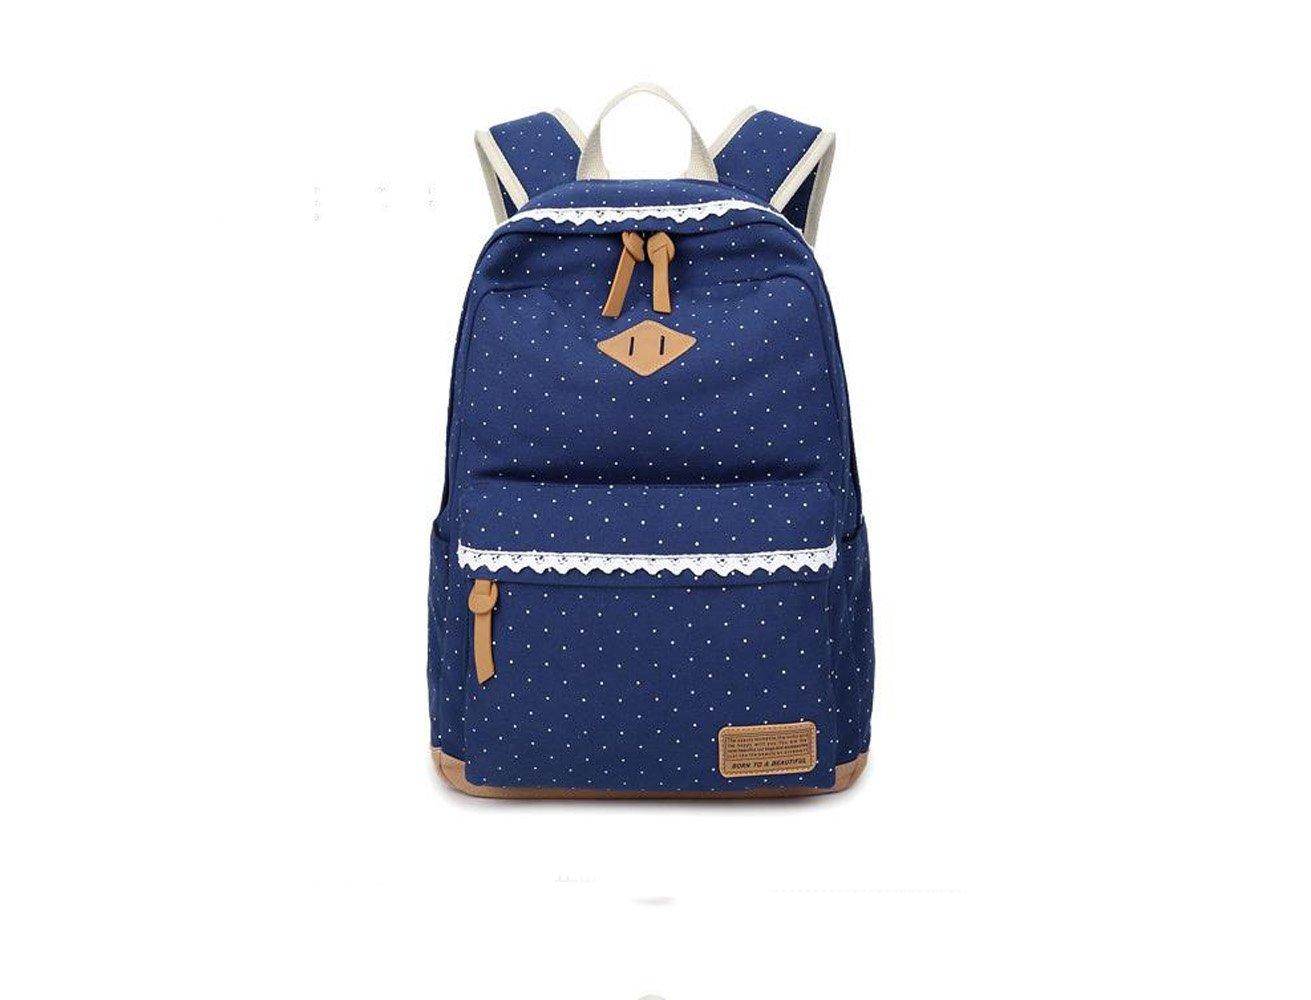 L & FYバックパック,ベビーボーイズGirlsスクールバックパック  ブルー B075CWHPNK